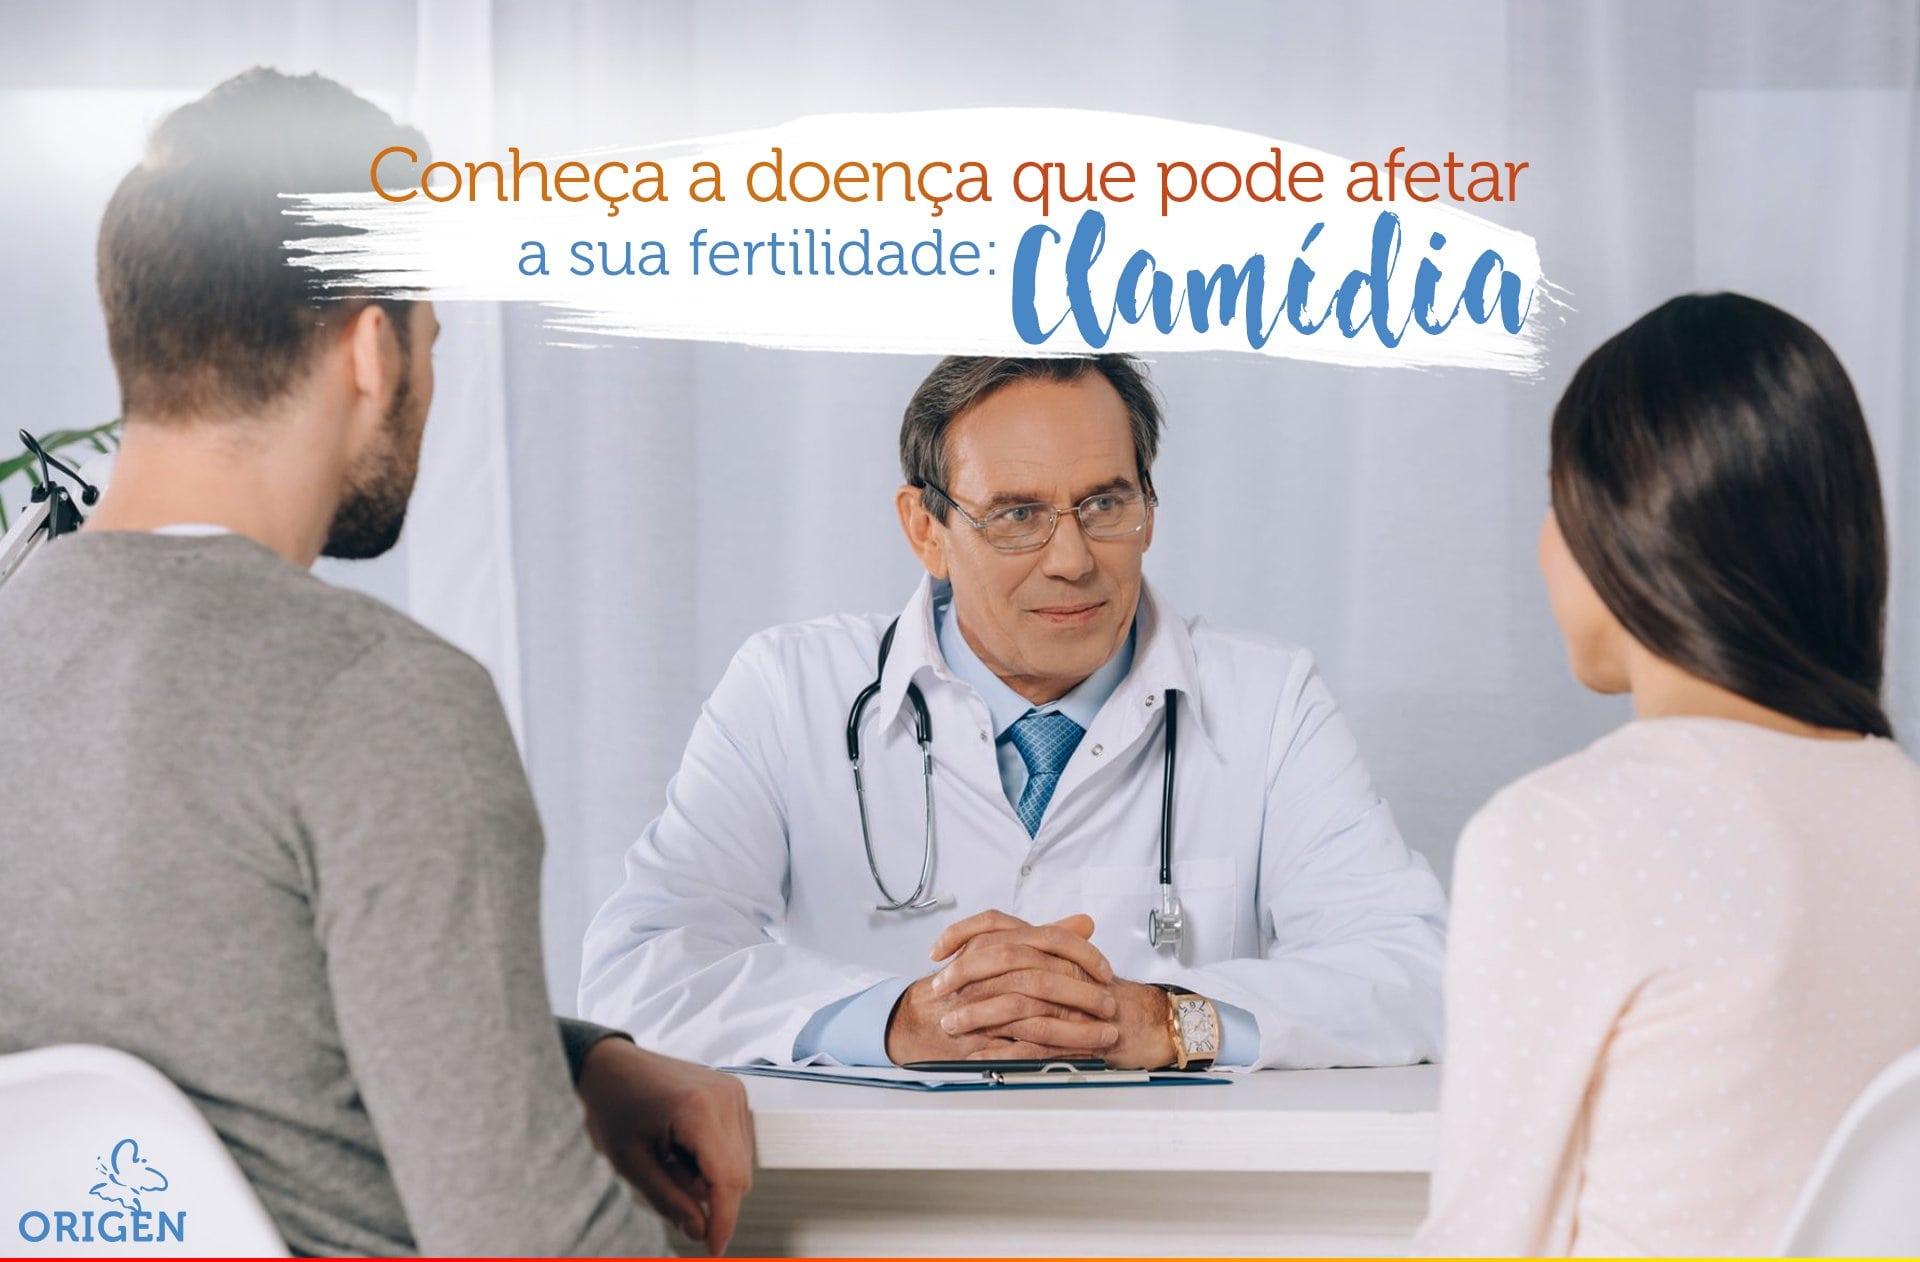 Clamídia: conheça a doença que pode afetar a sua fertilidade